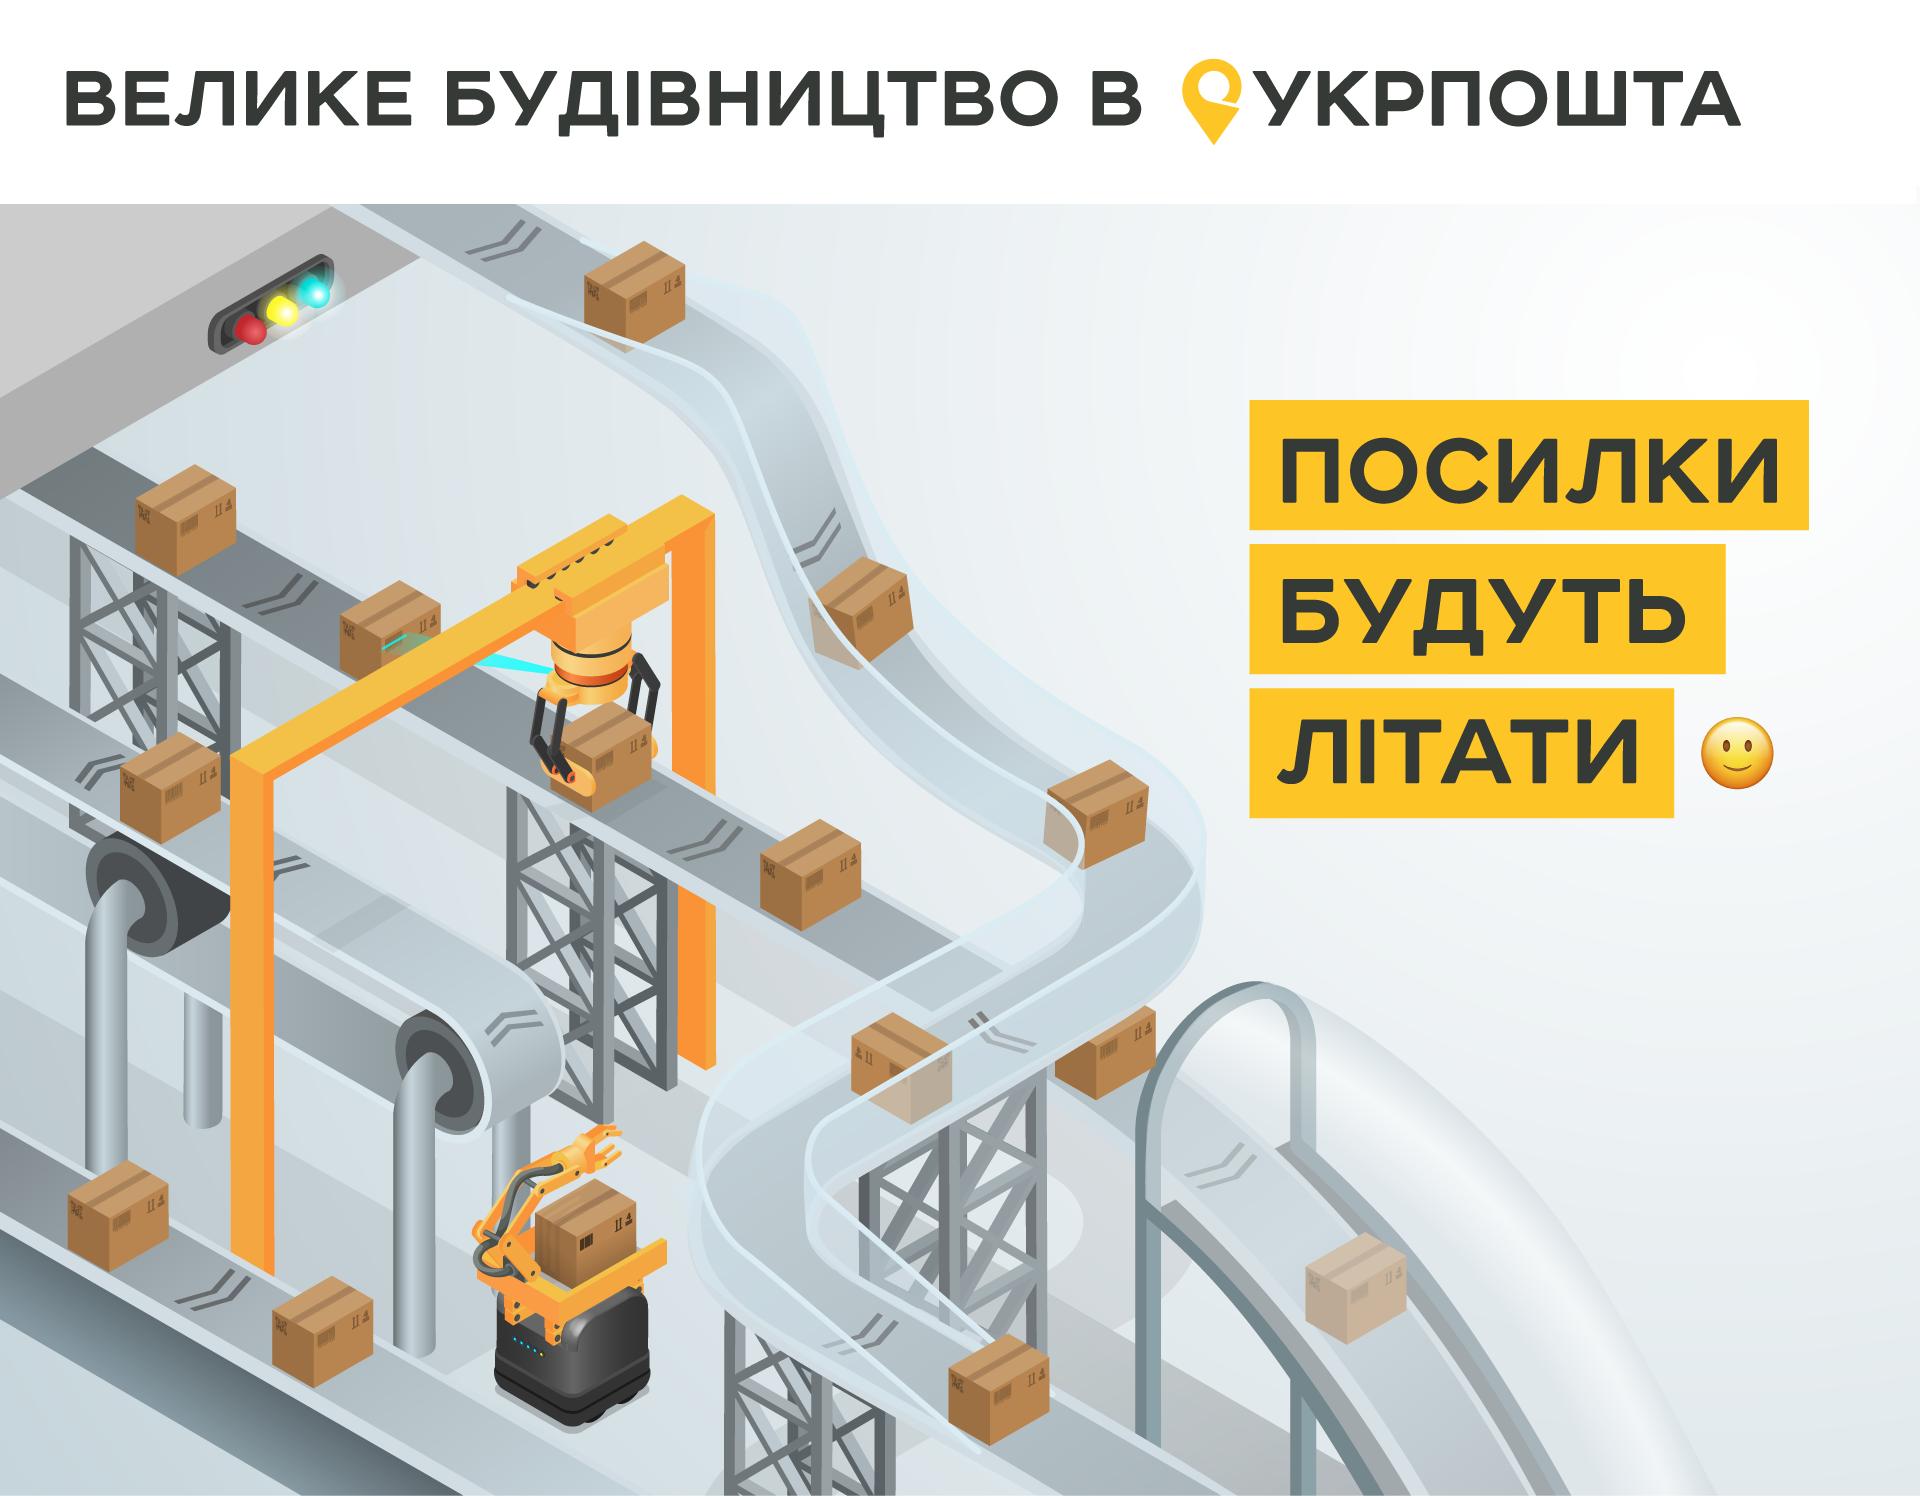 Україна приєдналася до програми NASA з освоєння космосу